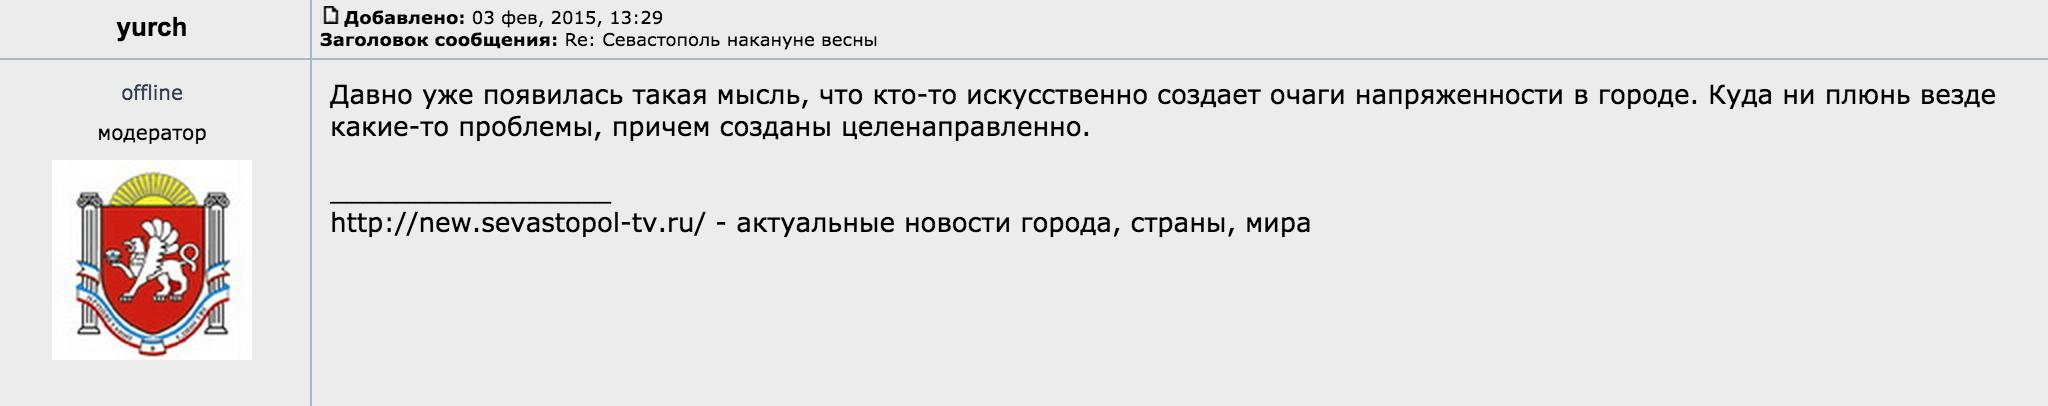 На должность главы Национального антикоррупционного бюро претендует  96 человек, - Чубаров - Цензор.НЕТ 8711